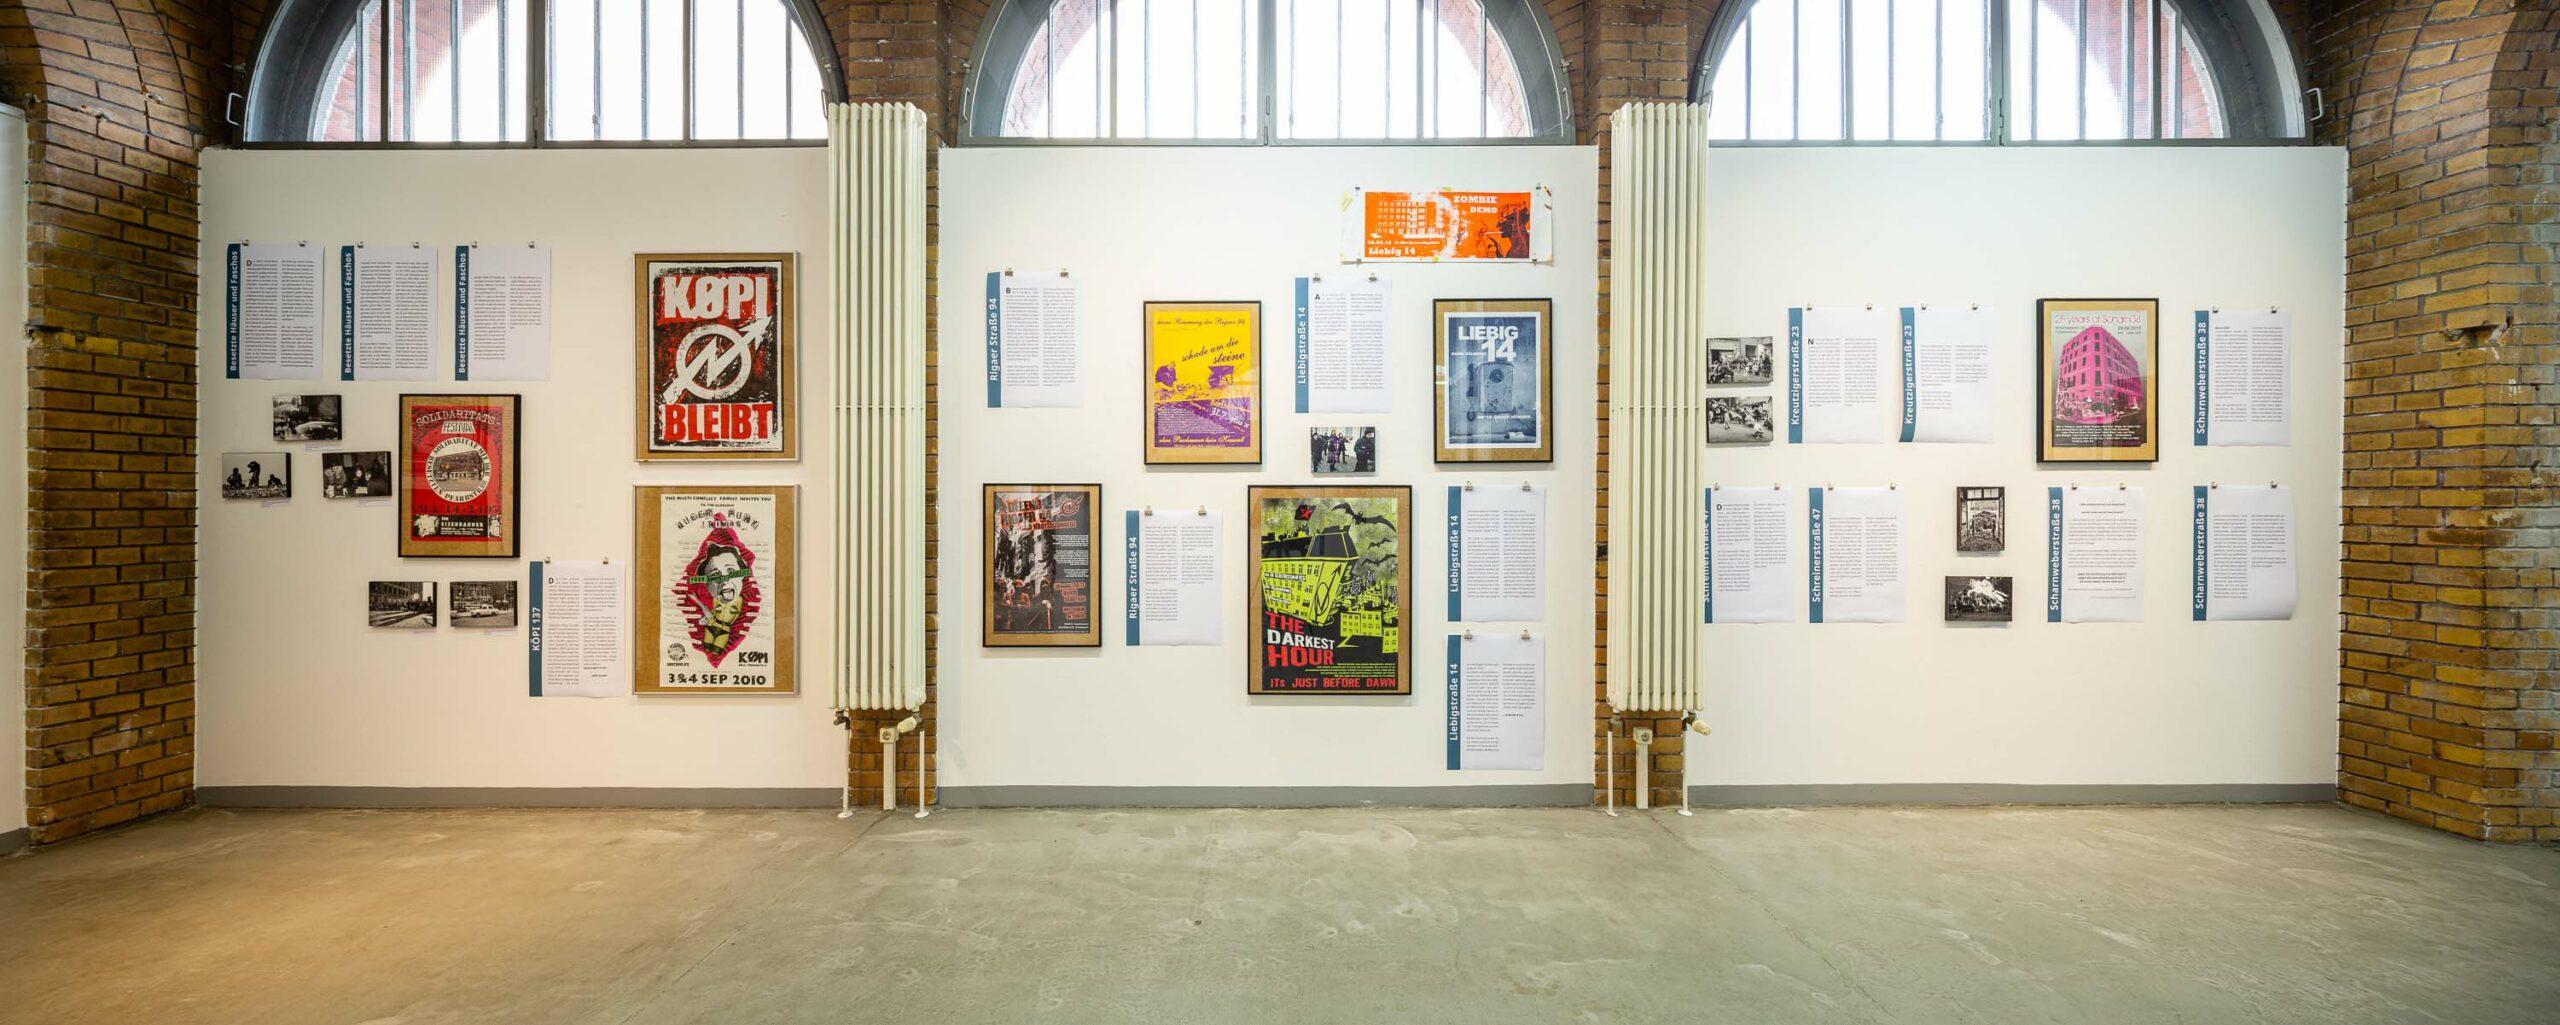 Häuser besetzen sowieso! Eine Ausstellung im projektraum alte Feuerwache, Berlin Friedrichshain. 11. Dez. 20 – 6. Feb. 21. Ausstellungsansicht. Foto: Giovanni Lo Curto.